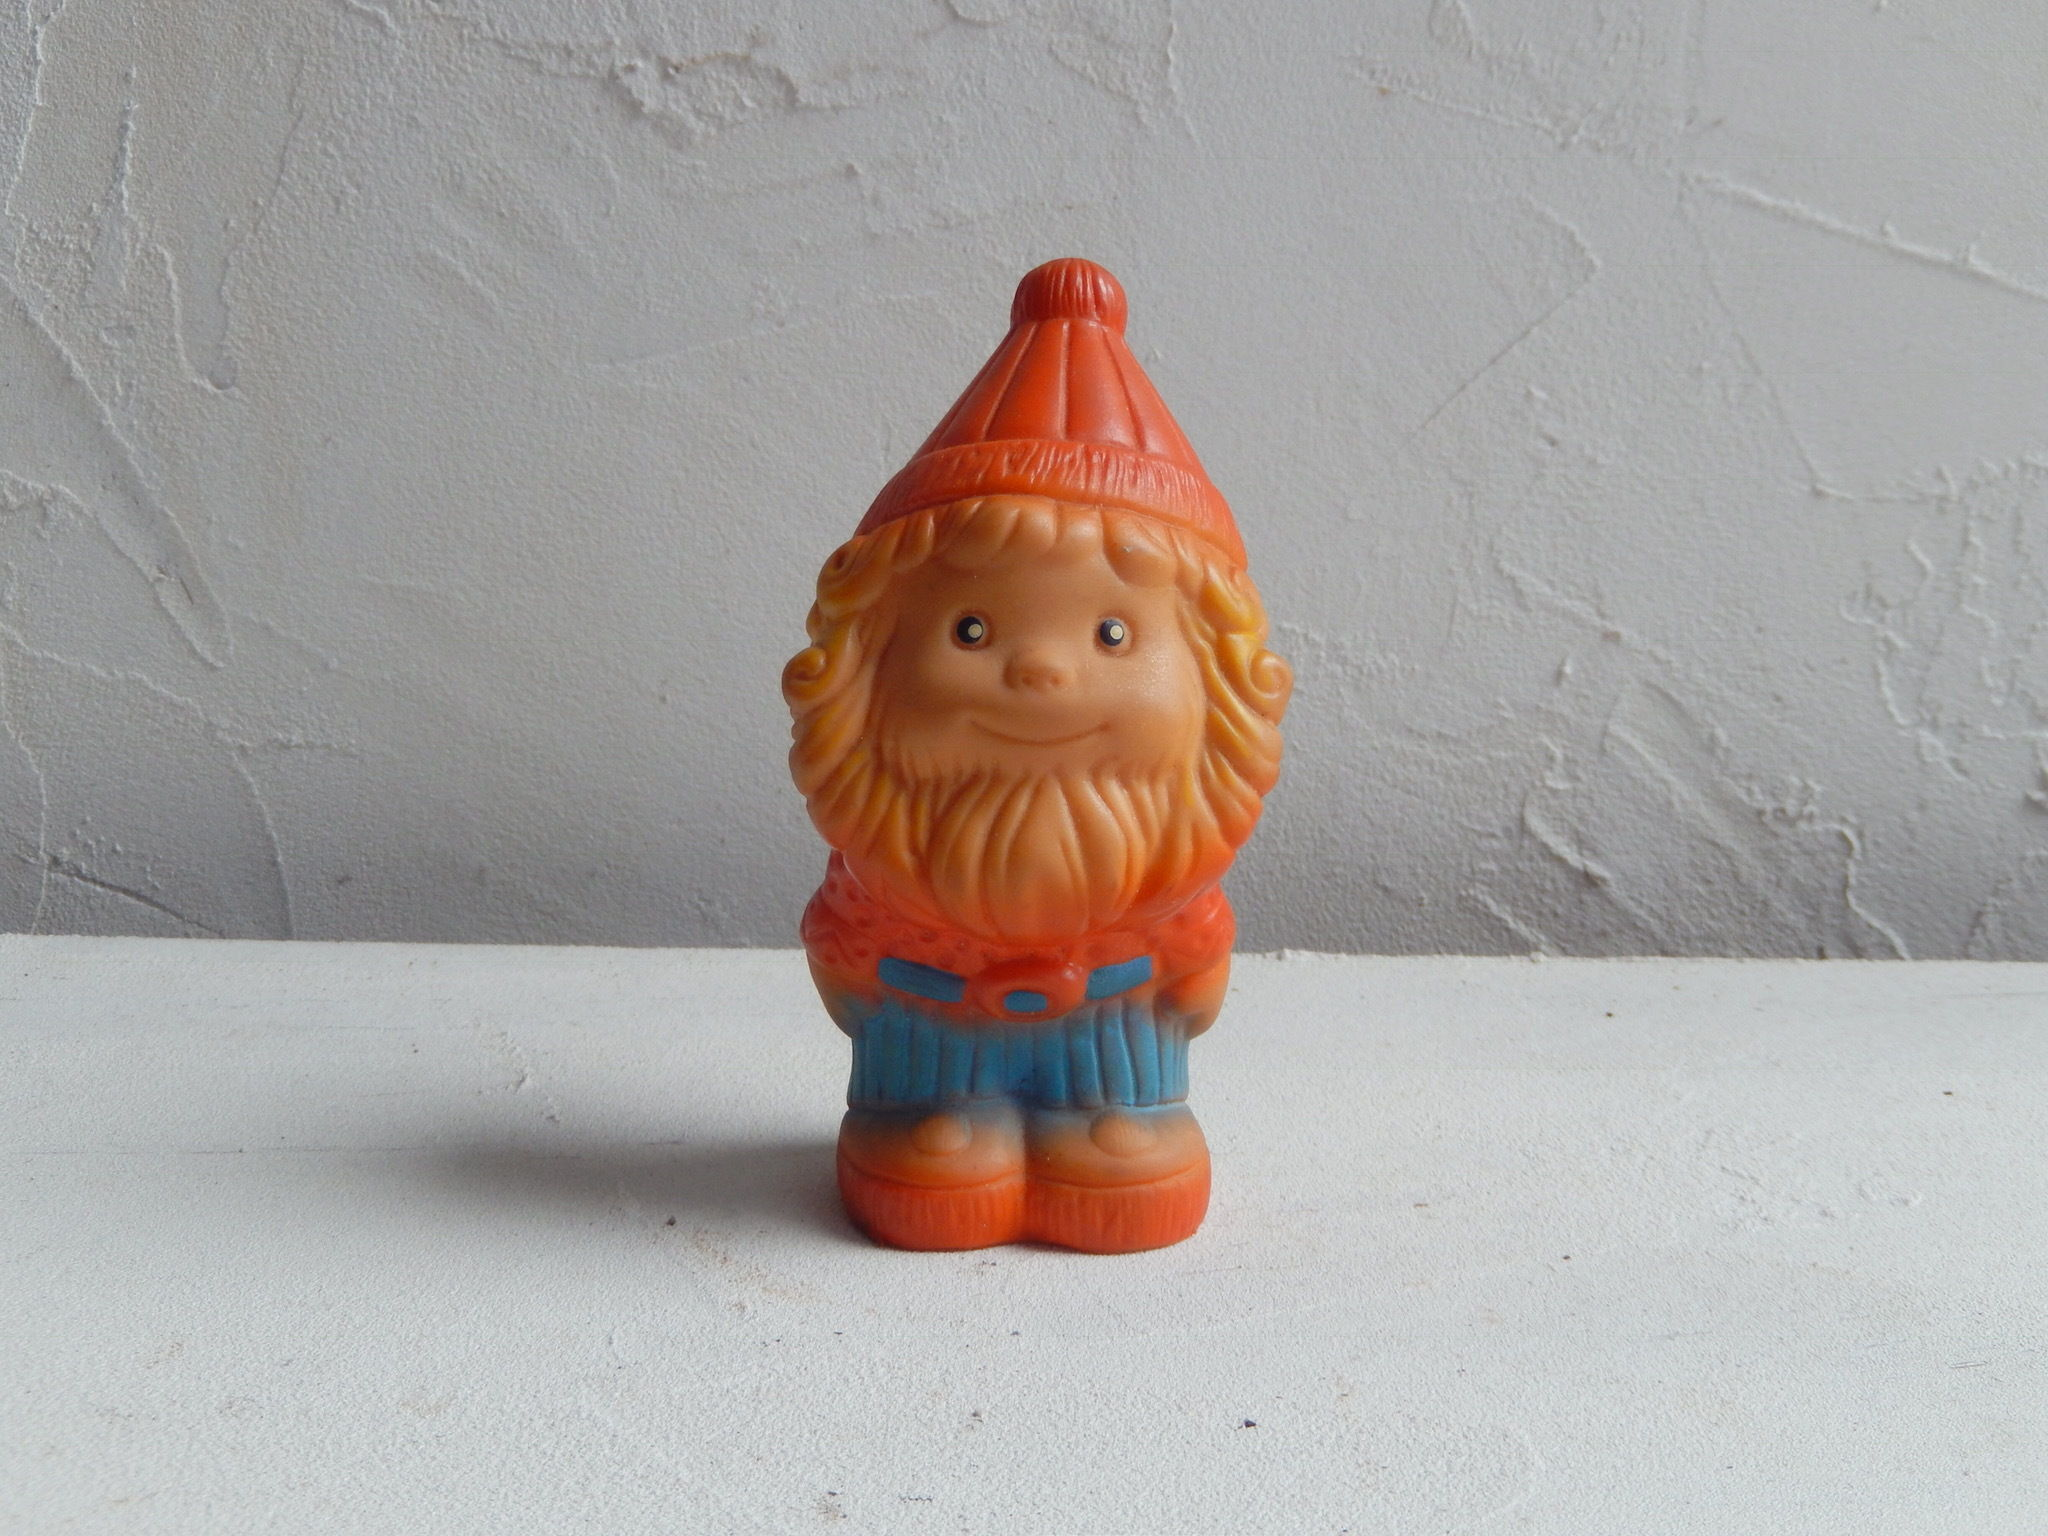 antiques オレンジの小人